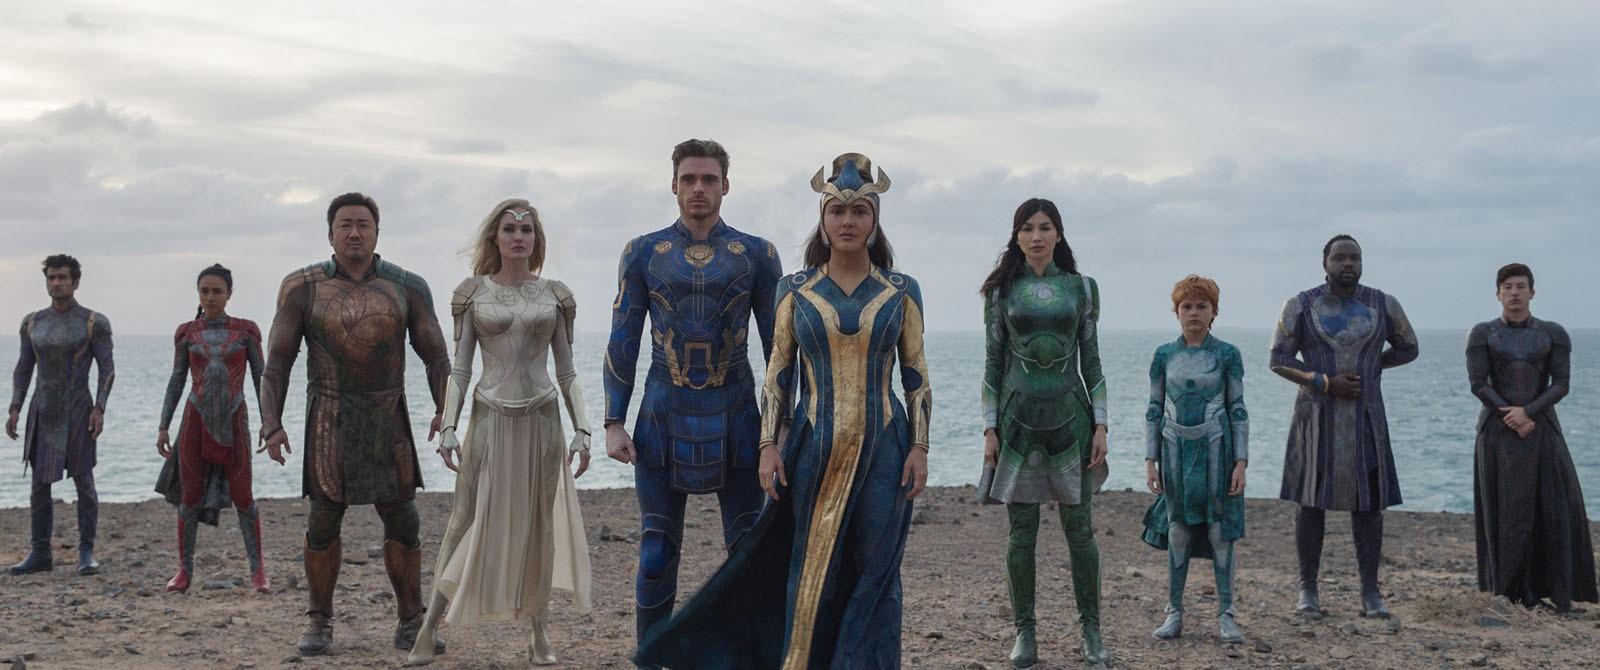 Em 'Eternos', Chloé Zhao faz o filme mais bonito e autoral da Marvel; G1 já viu